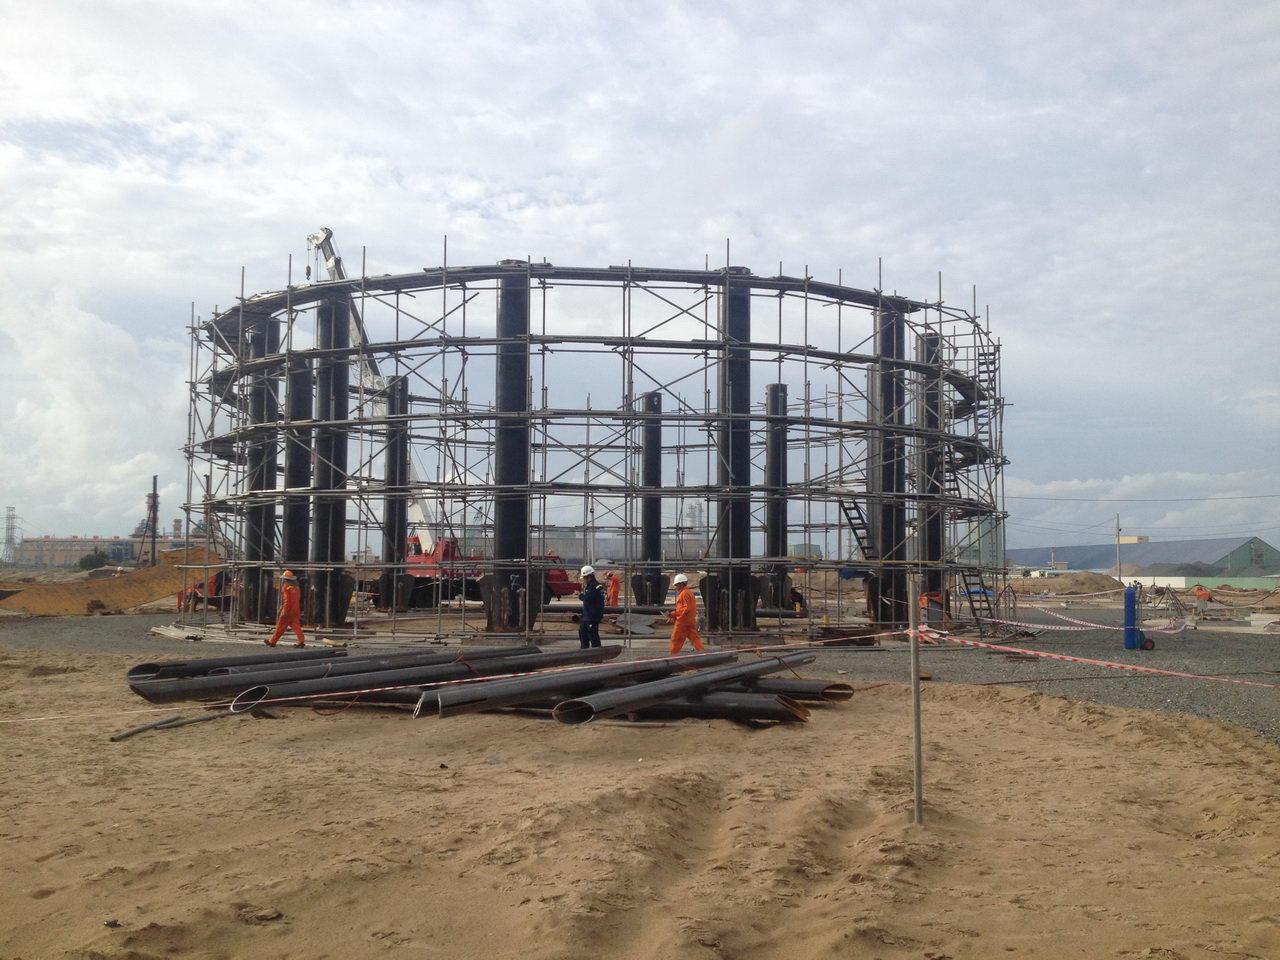 Cung cấp vật tư và thi công xây dựng Gói số 1 cho Dự án Nhà máy xử lý khí Cà Mau